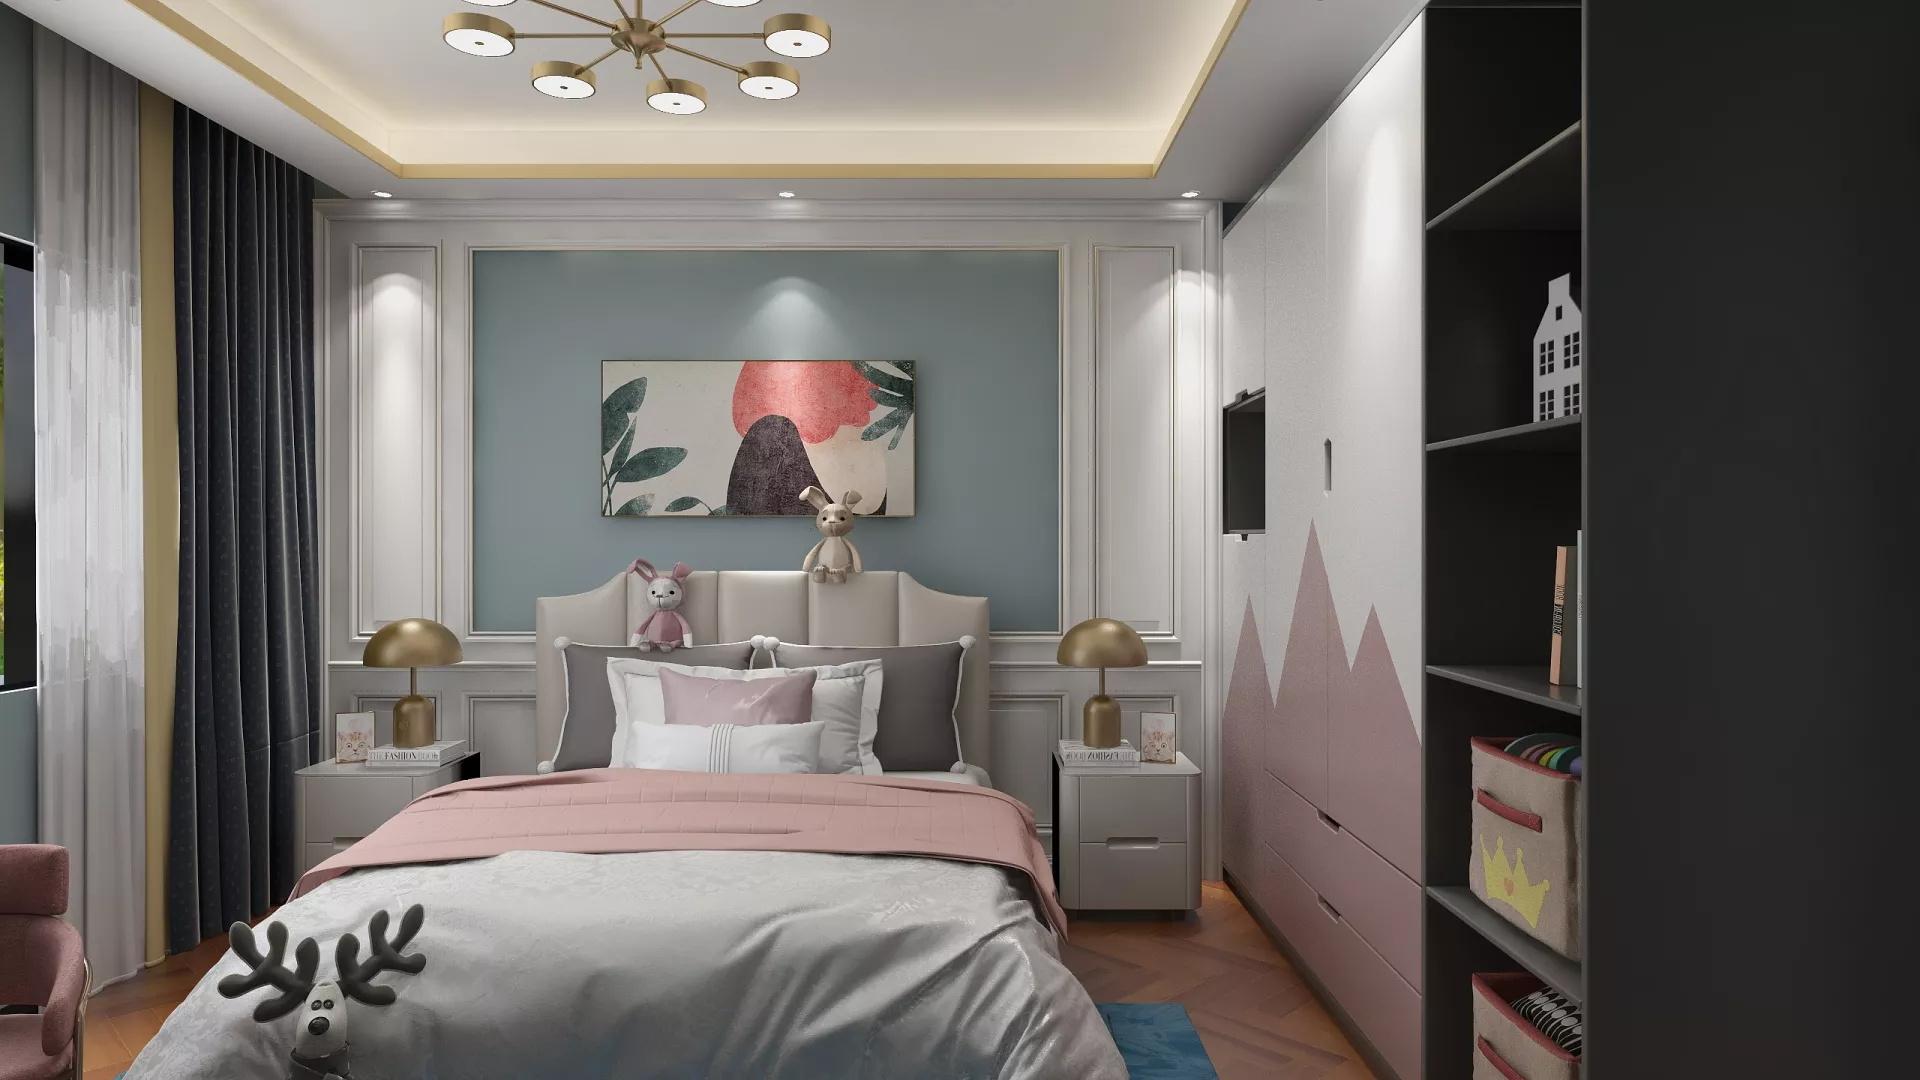 哪种花草种在卧室合适?卧室什么花草比较适合种?